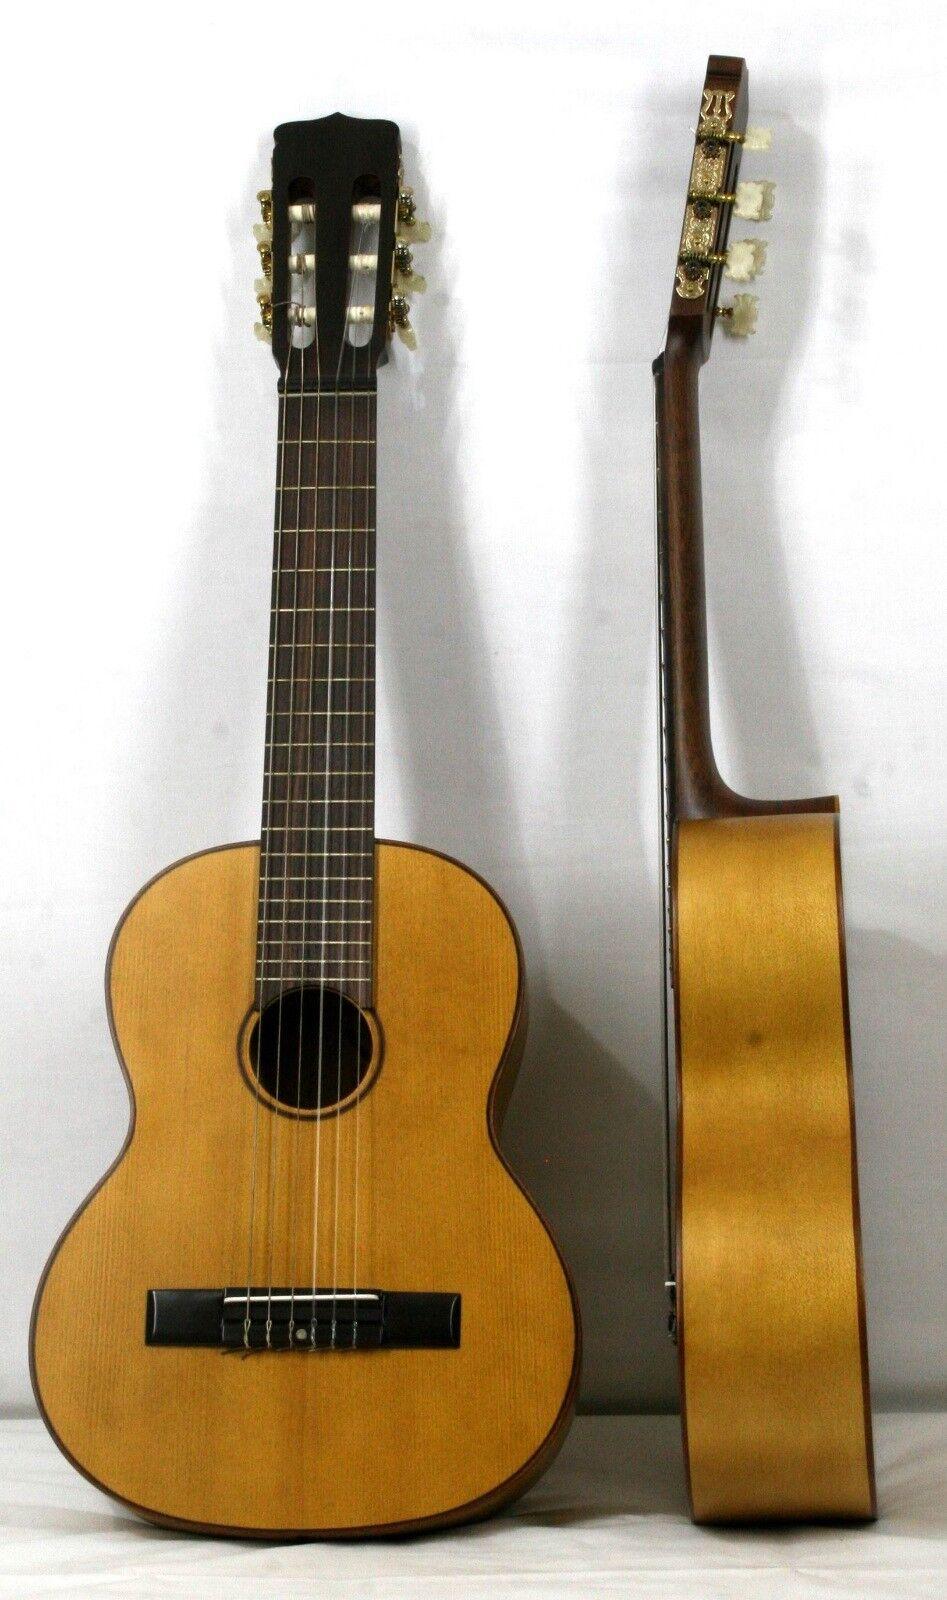 Musikalia Requinto o Guitarrico in acero, per flamenco, di liuteria